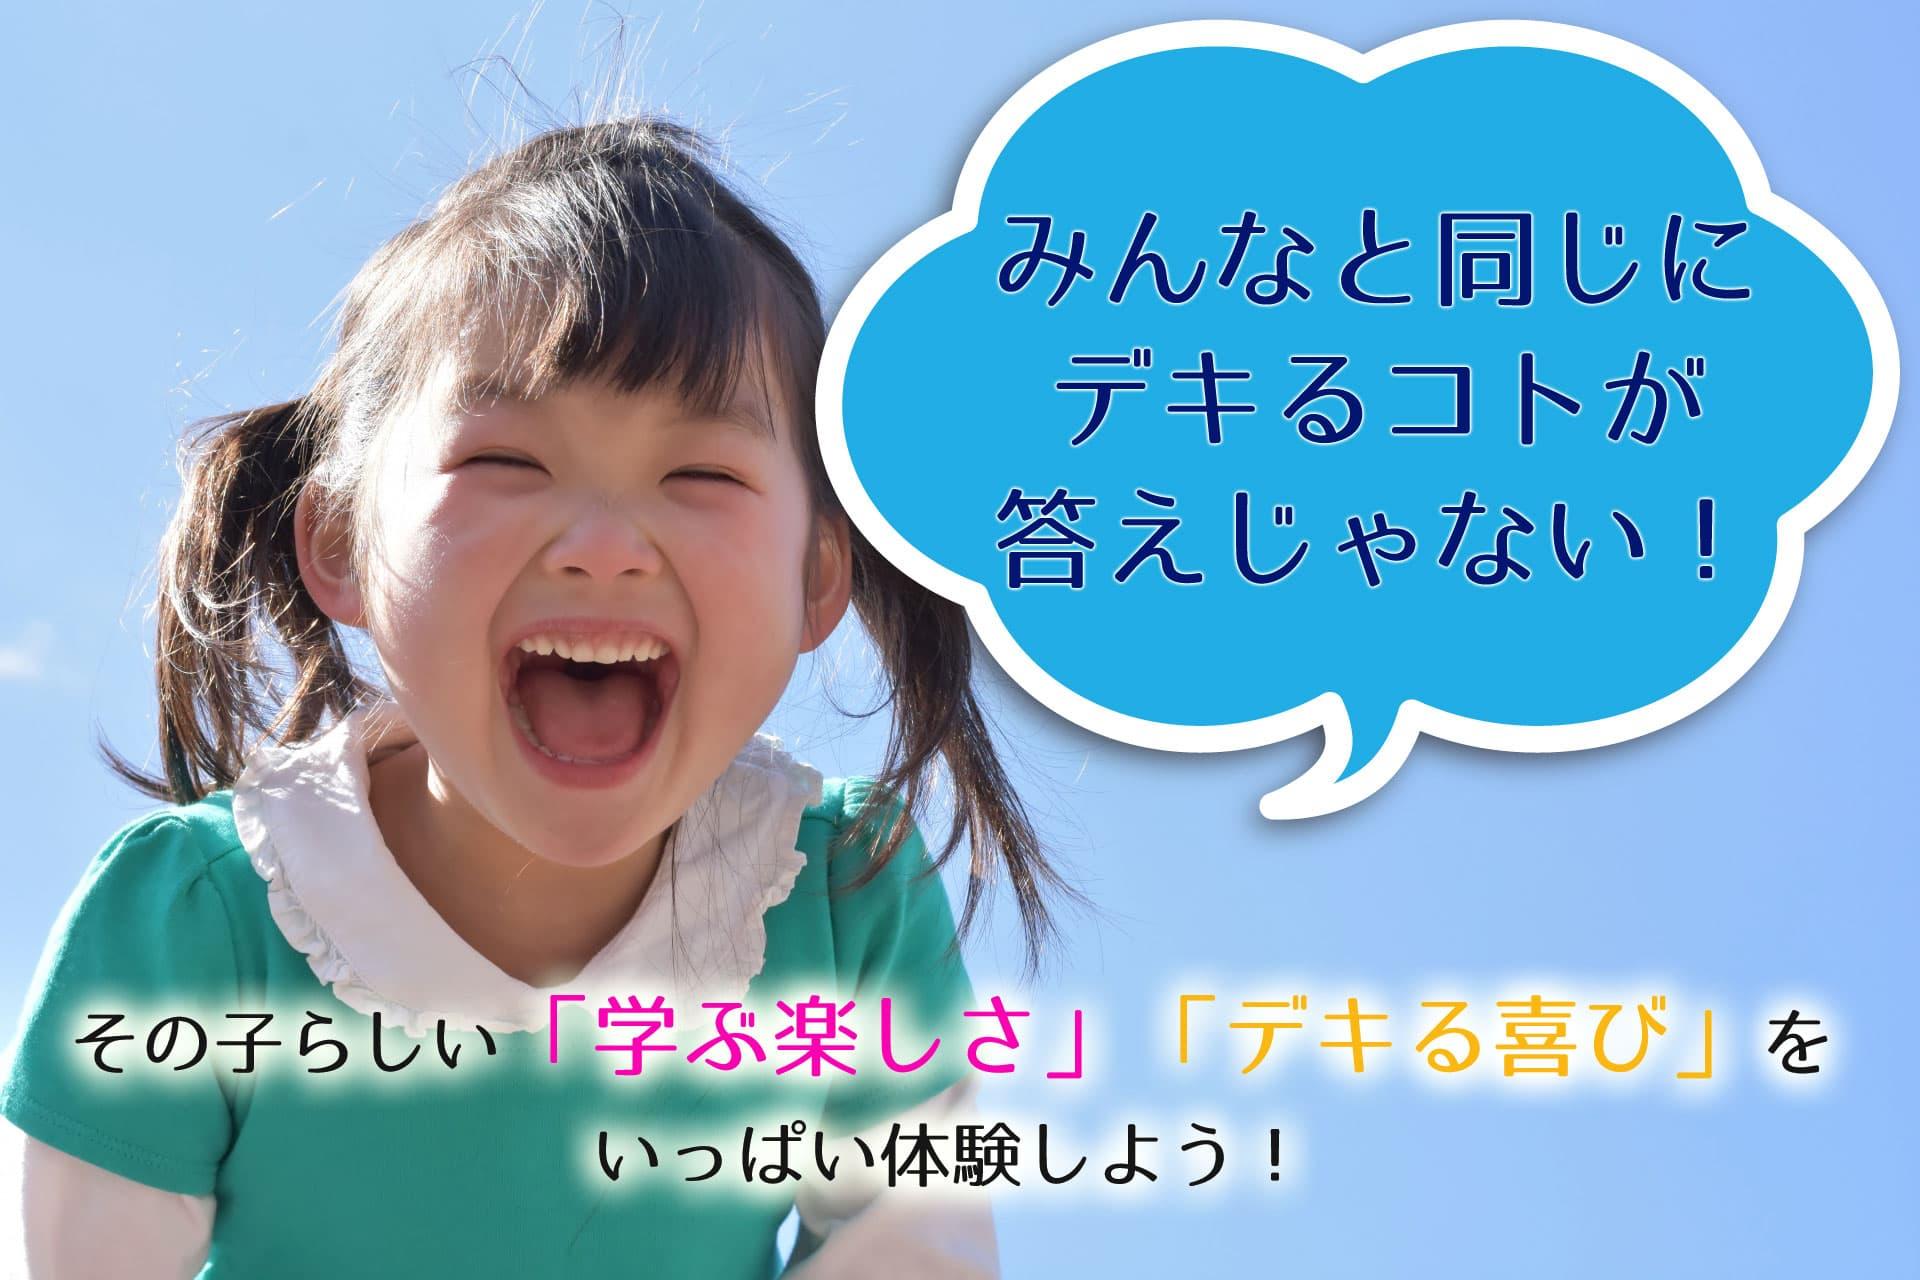 京都の放課後等デイサービスJiria(じりあ)03